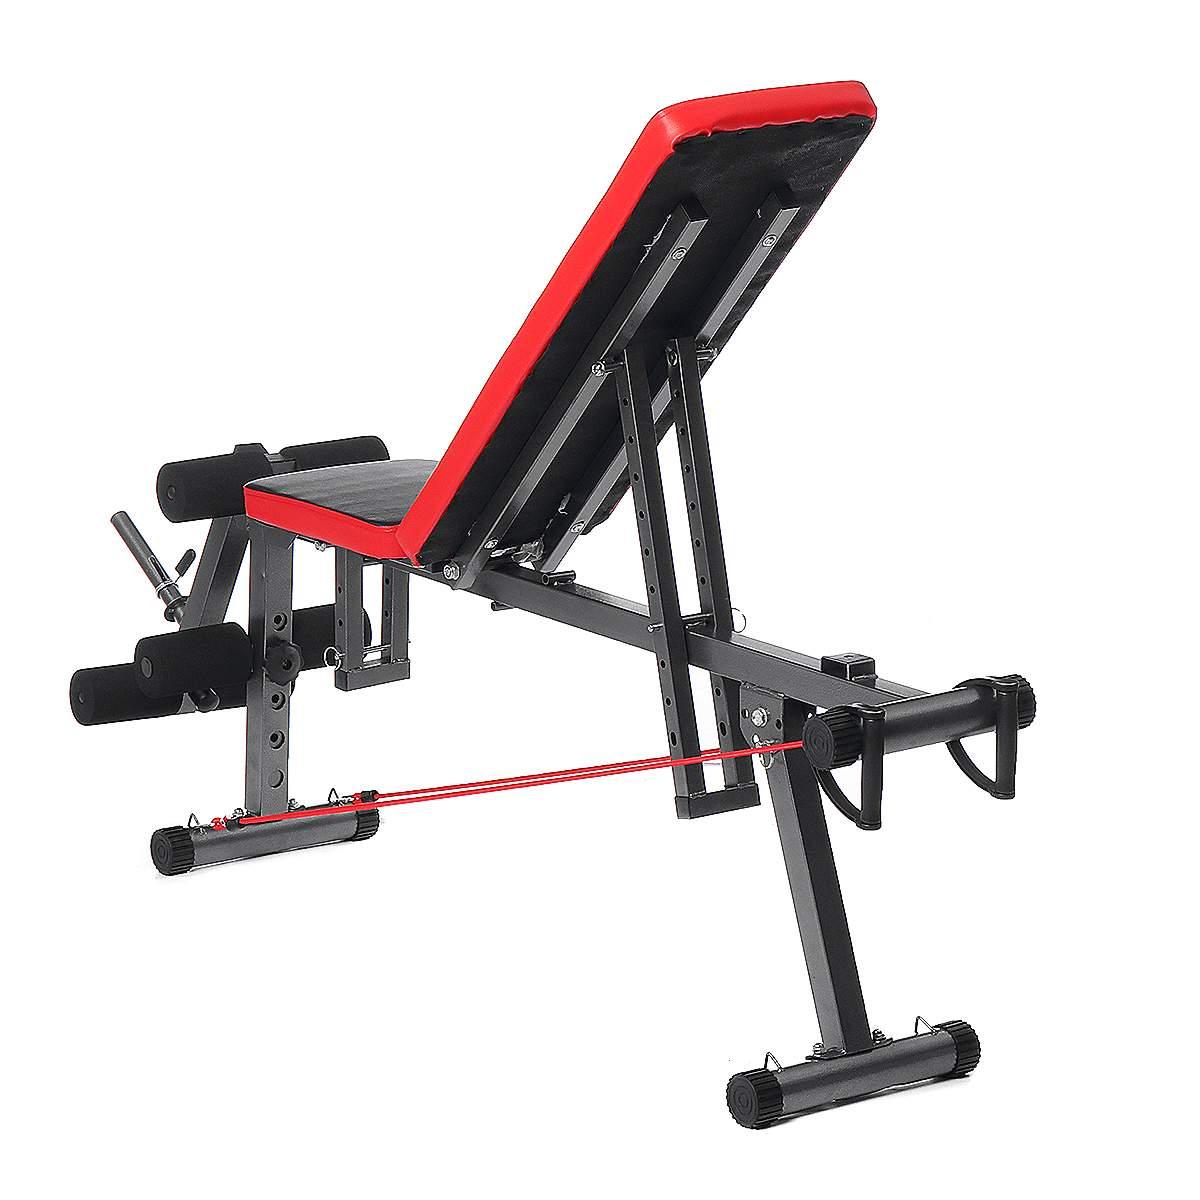 Banc d'entraînement de remise en forme en acier multifonctionnel Durable Stable et confortable - 5